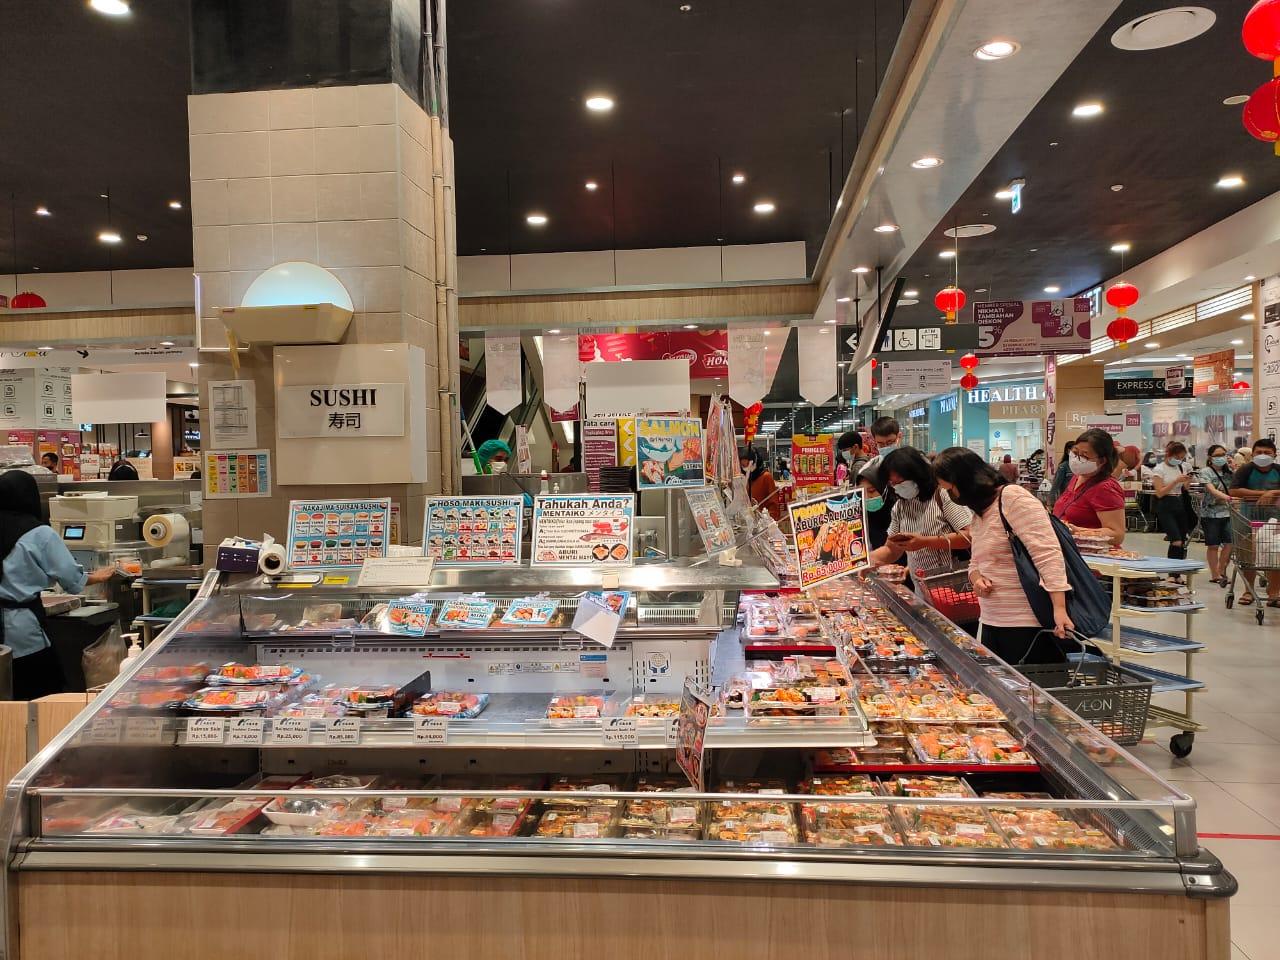 Sejumlah sushi yang disediakan dengan varian yang beragam di Aeon Mall BSD City, Tangerang Selatan, Selasa (23/02/2021).